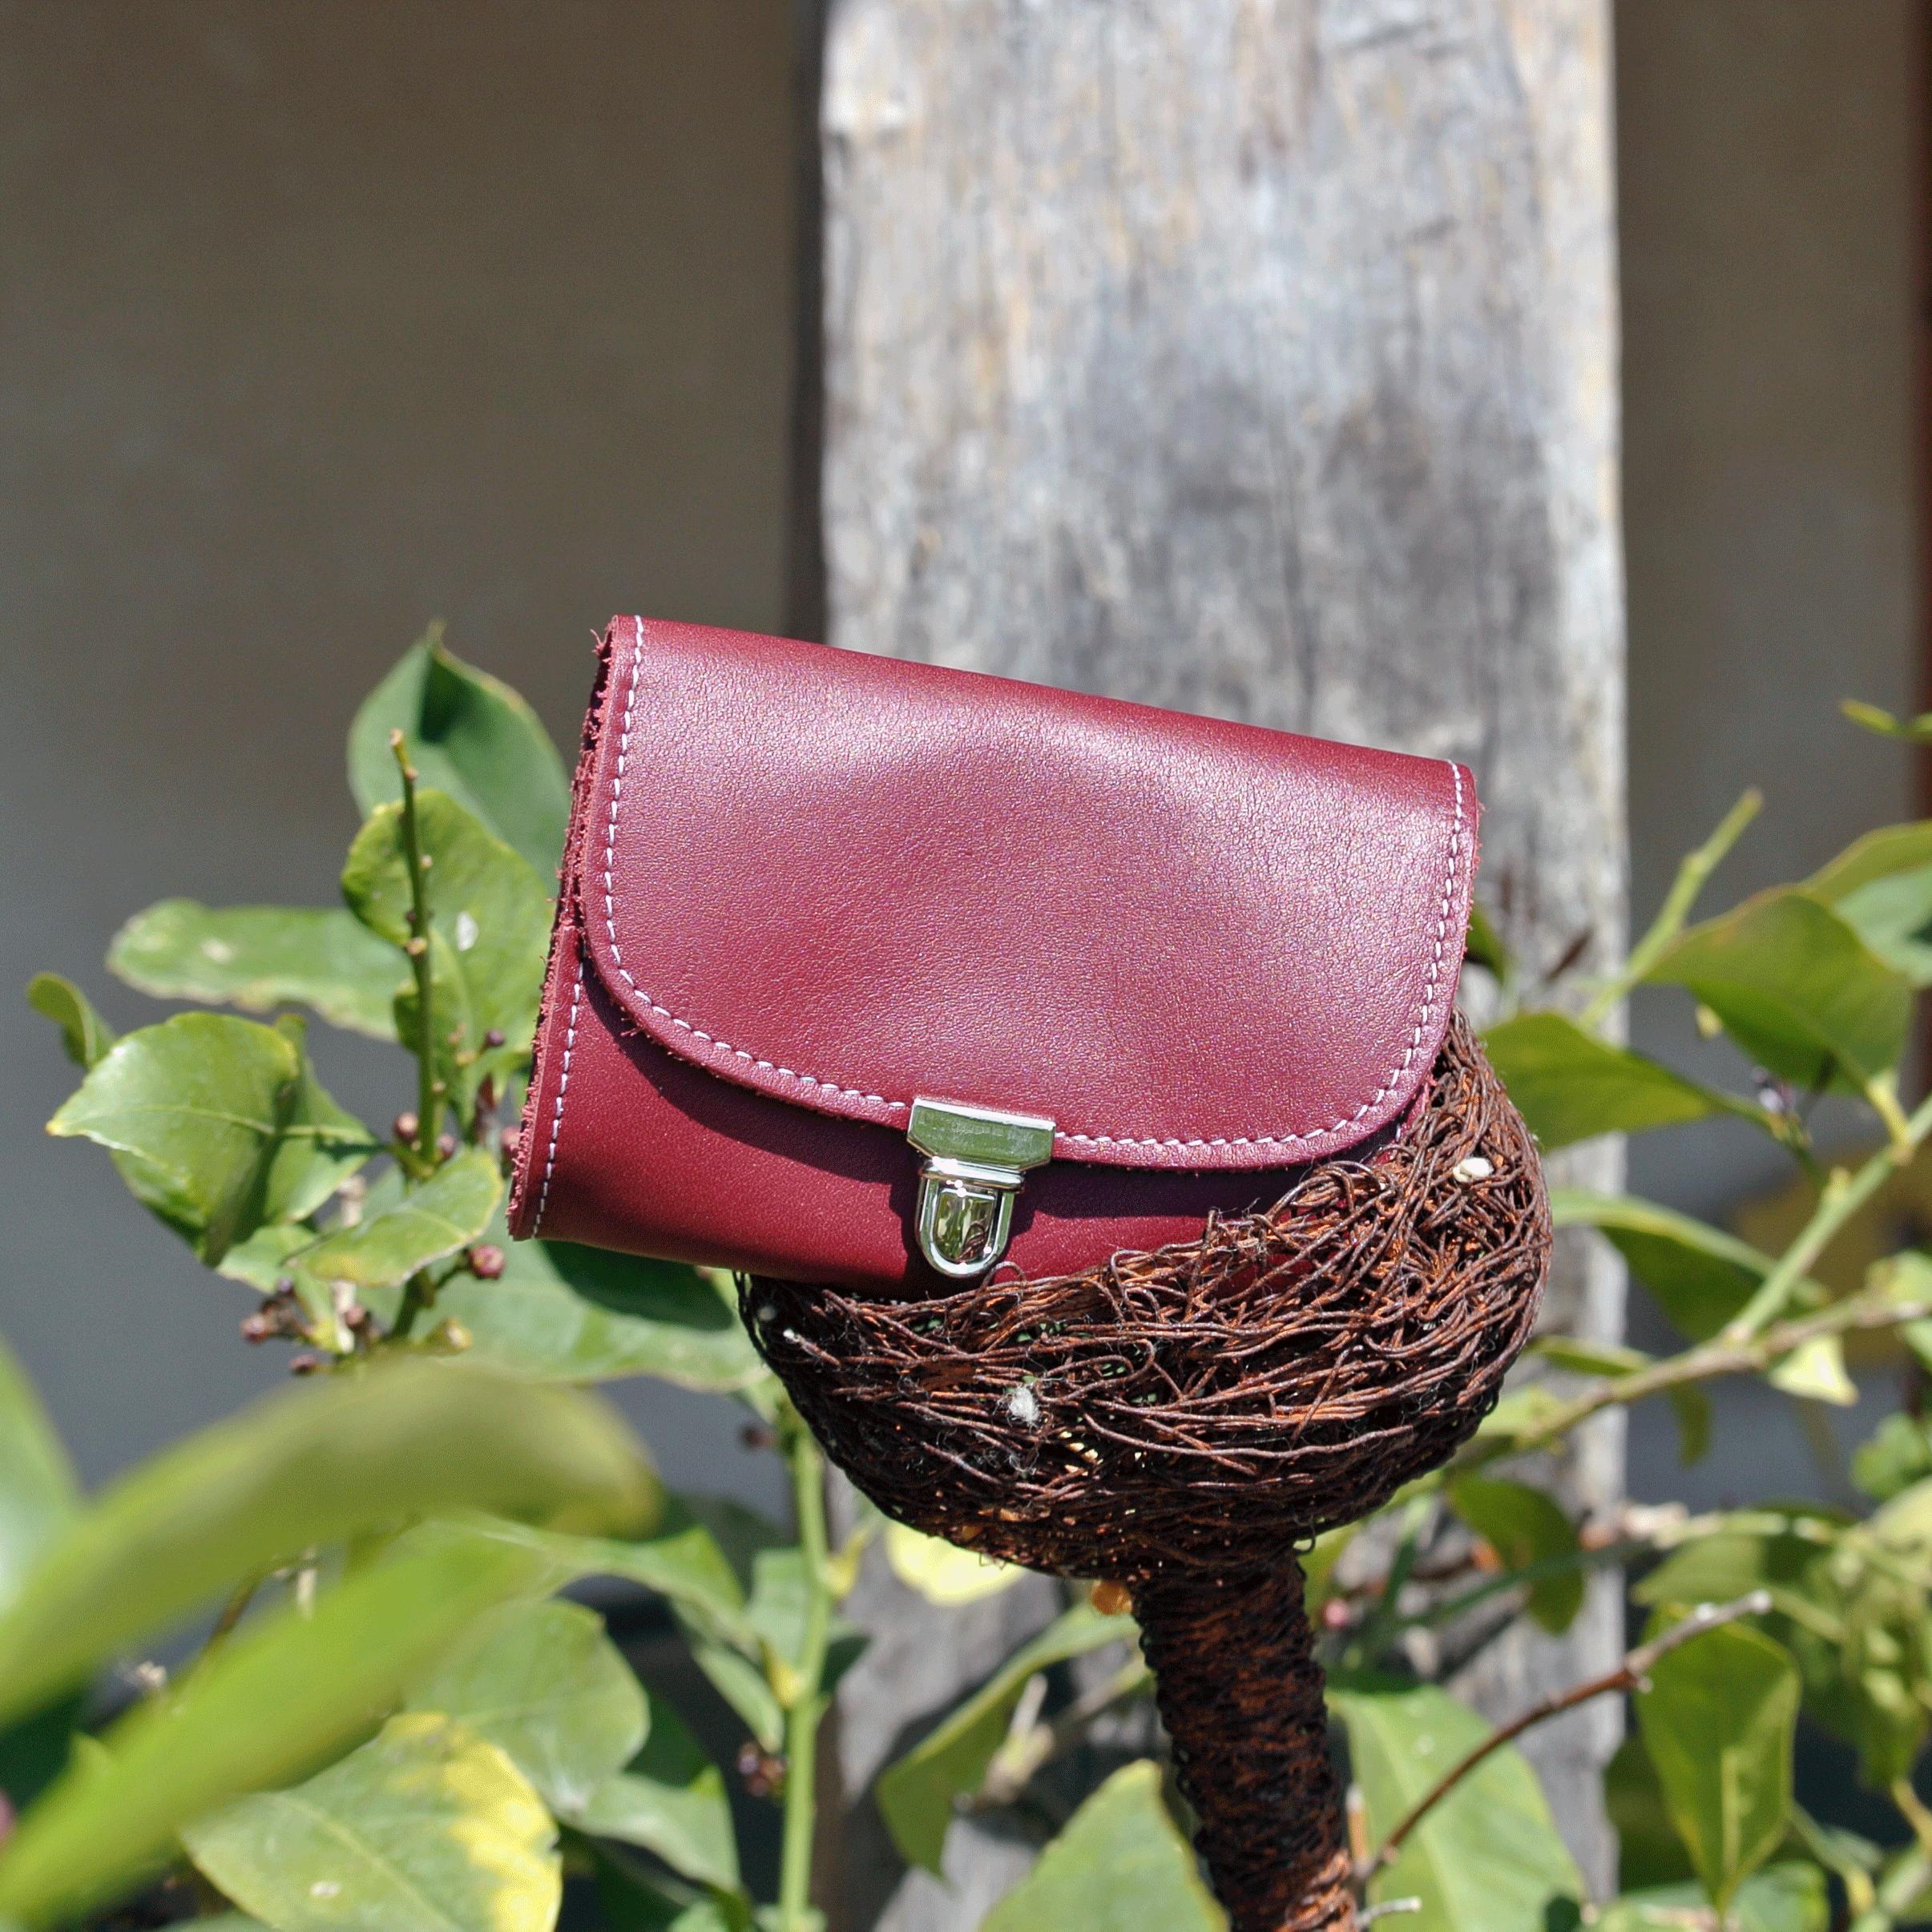 portefeuille-royale-en-cuir-nappa-bordeaux